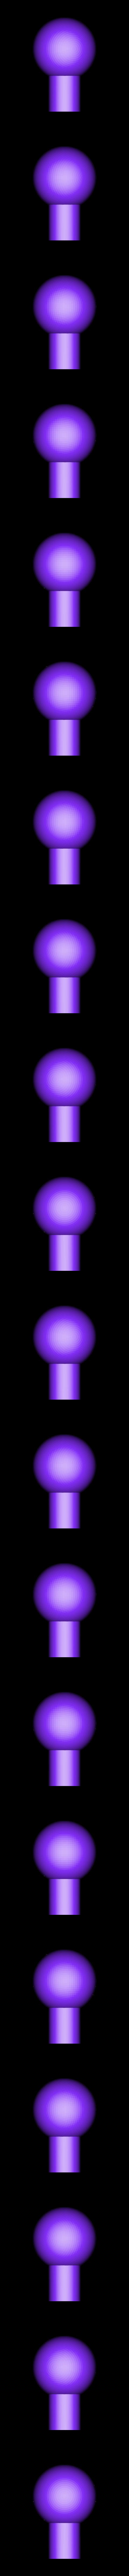 pin_ball.stl Télécharger fichier STL gratuit Jeu de construction ChainClip • Modèle à imprimer en 3D, ferjerez3d